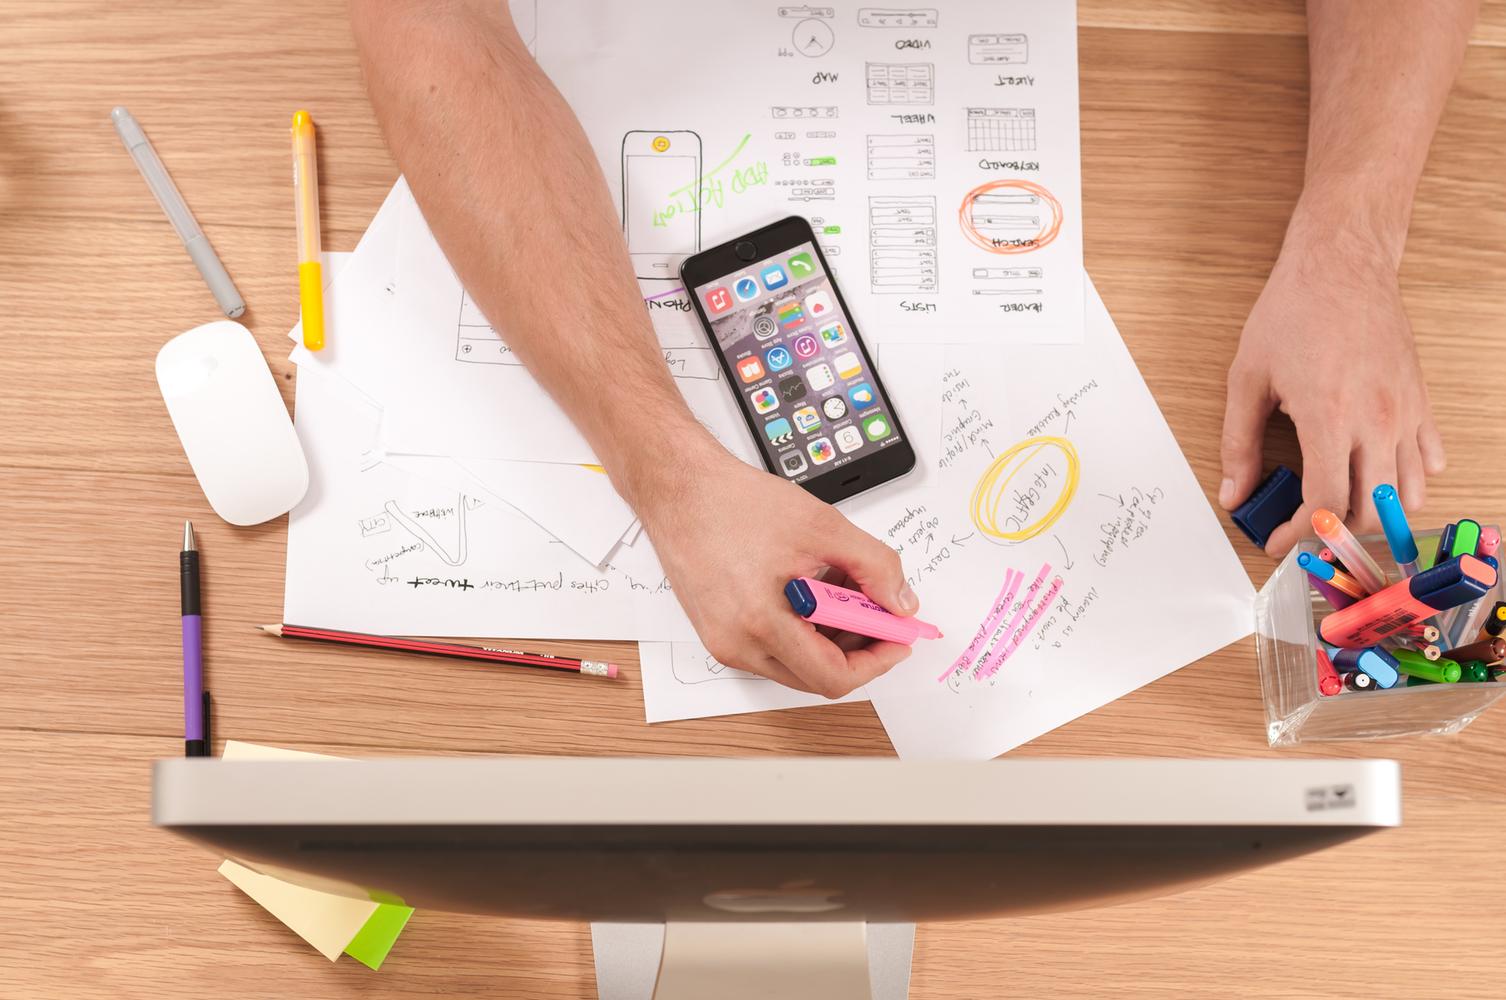 فرآیند طراحی تجربه کاربری